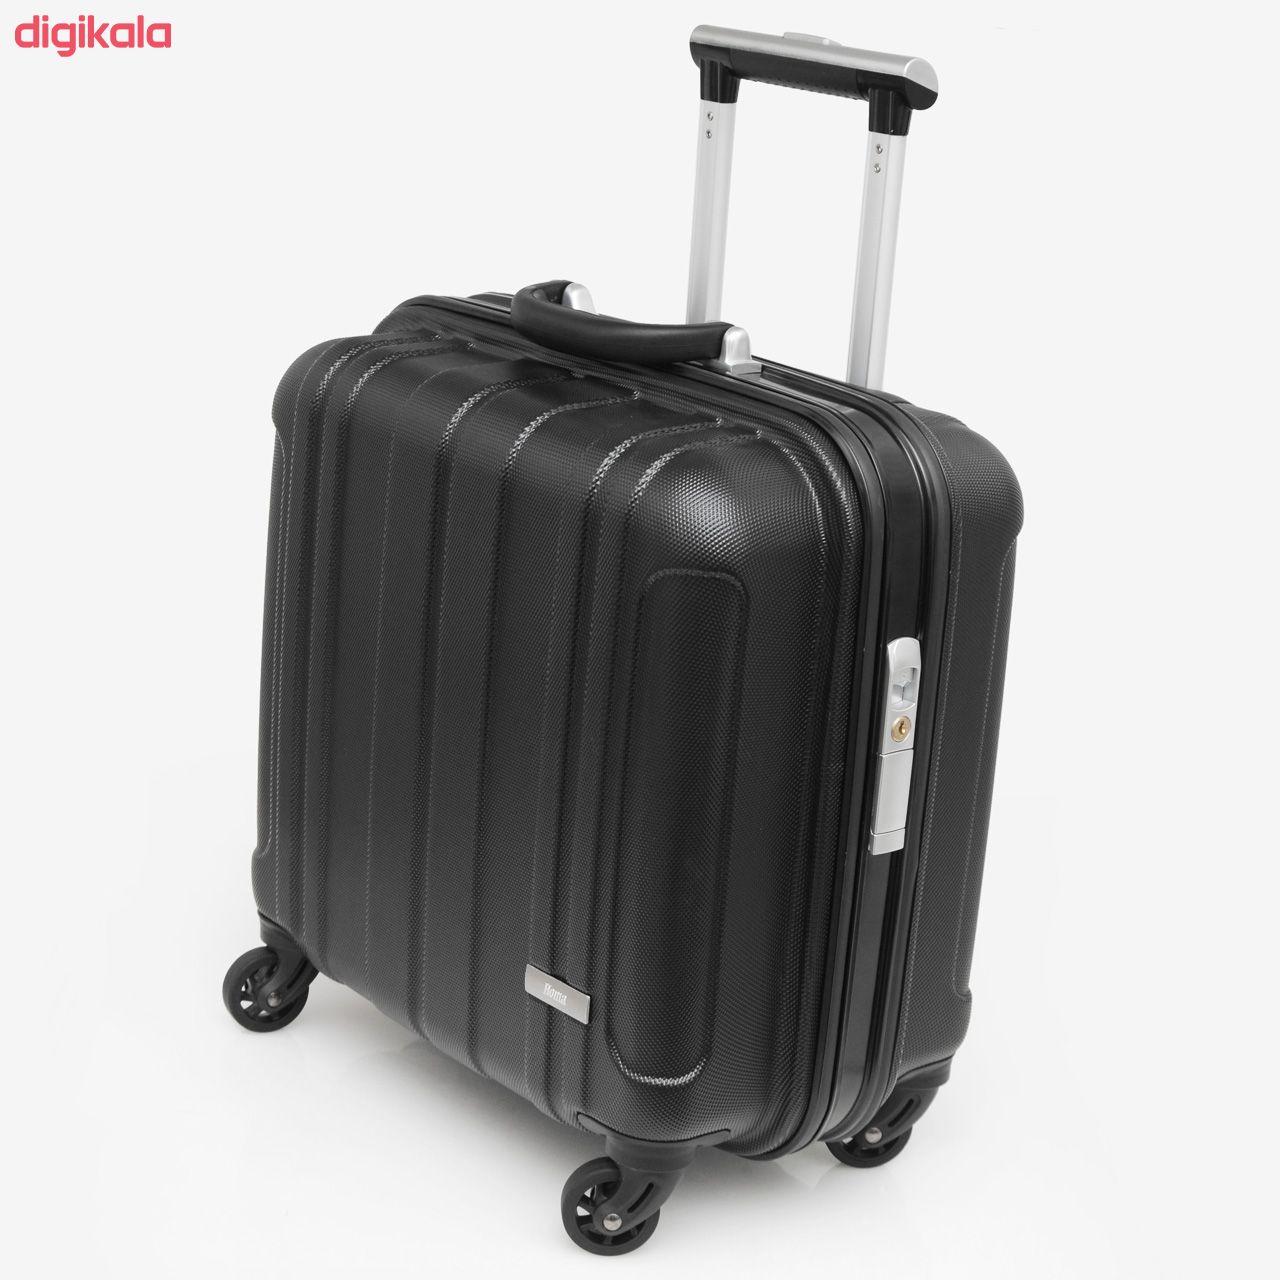 چمدان خلبانی هما مدل 600025 main 1 3